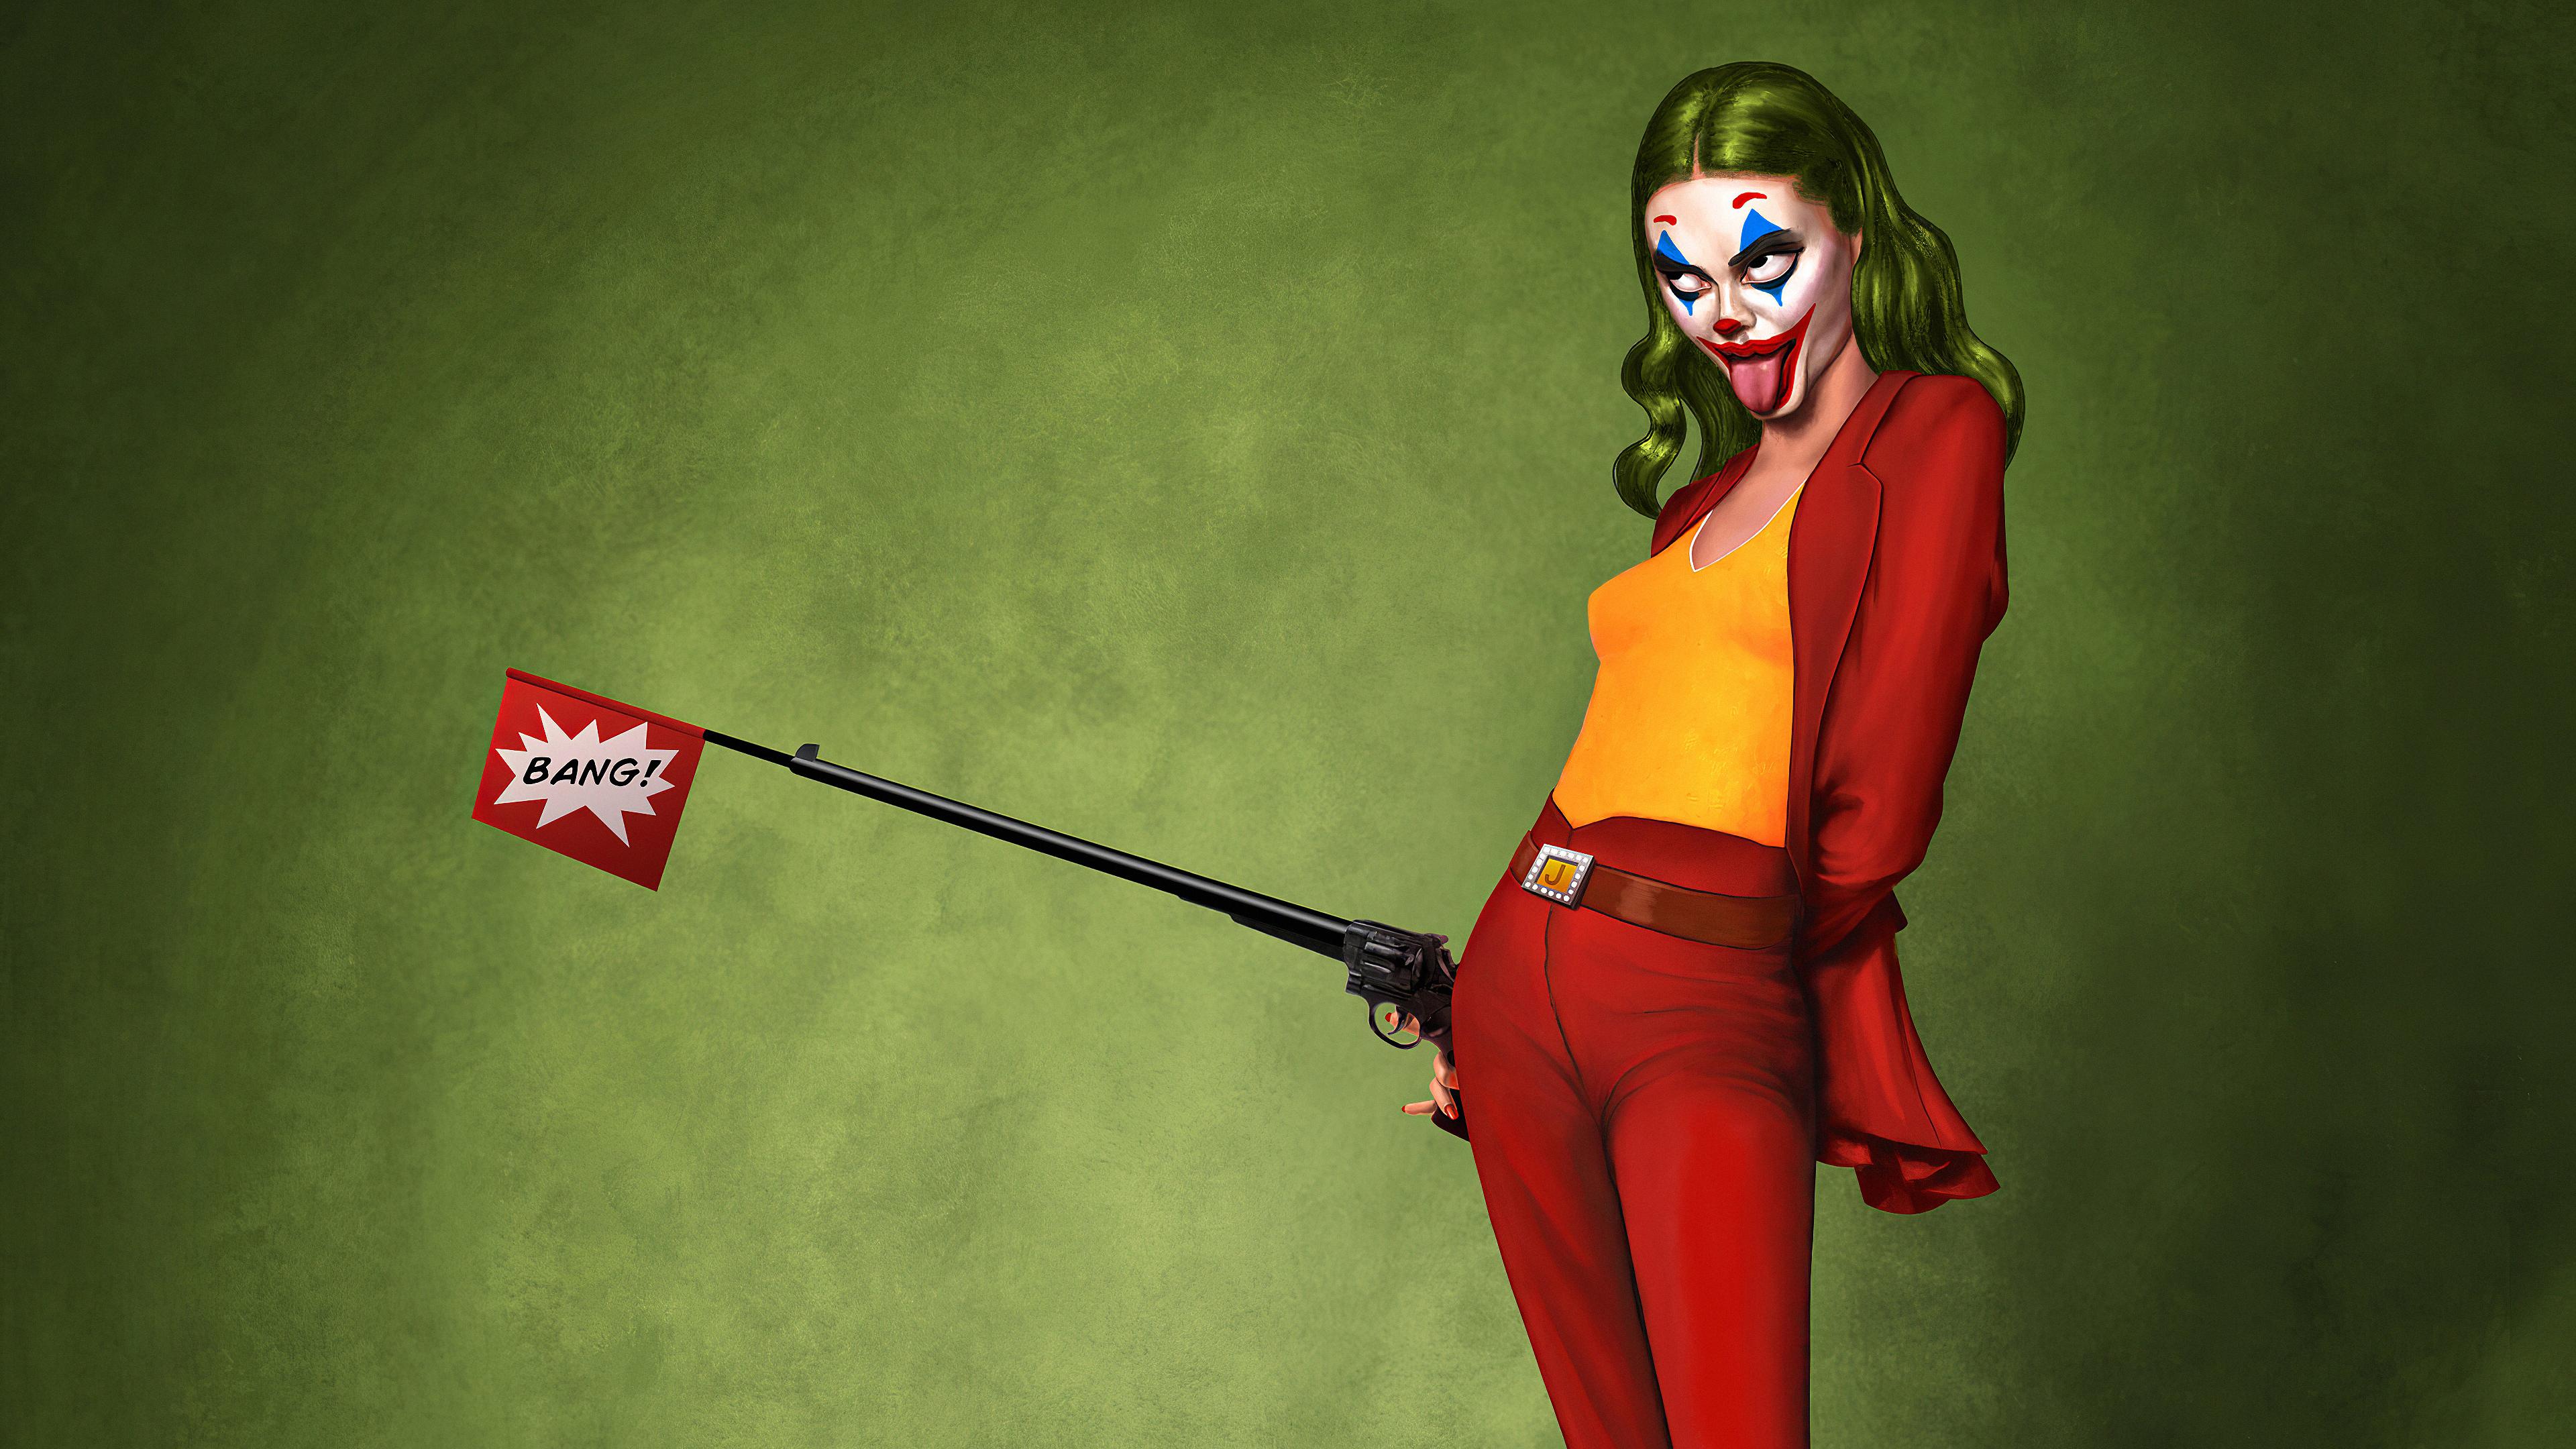 Wallpaper 4k Lady Joker Art Lady Joker Art 4k Wallpapers Lady Joker Artwork Wallpapers Lady Joker Wallpapers